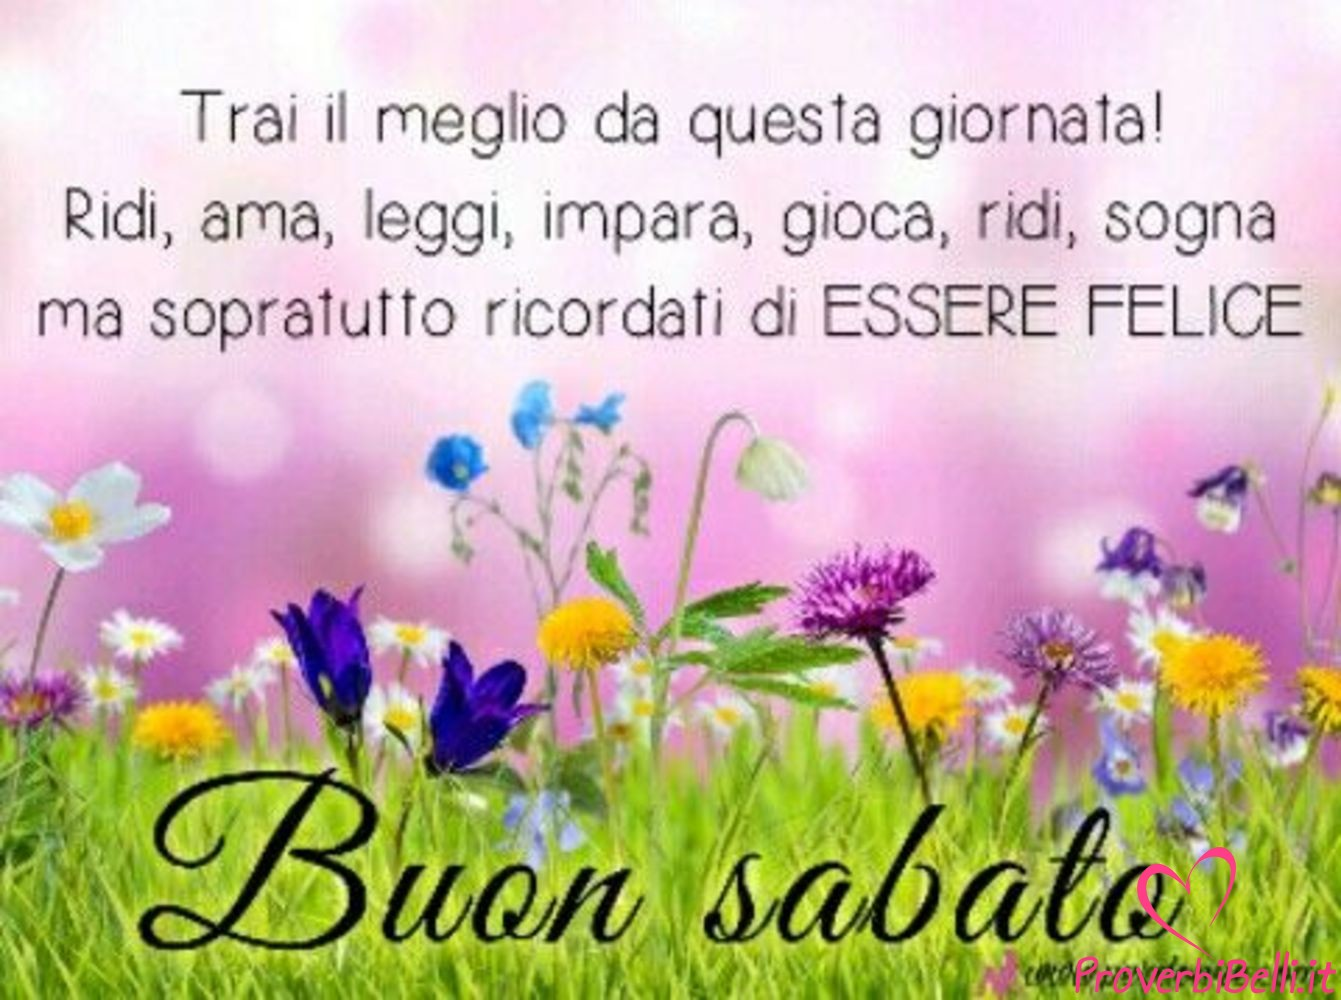 Belle-Immagini-Buongiorno-Sabato-Facebook-Whatsapp-235